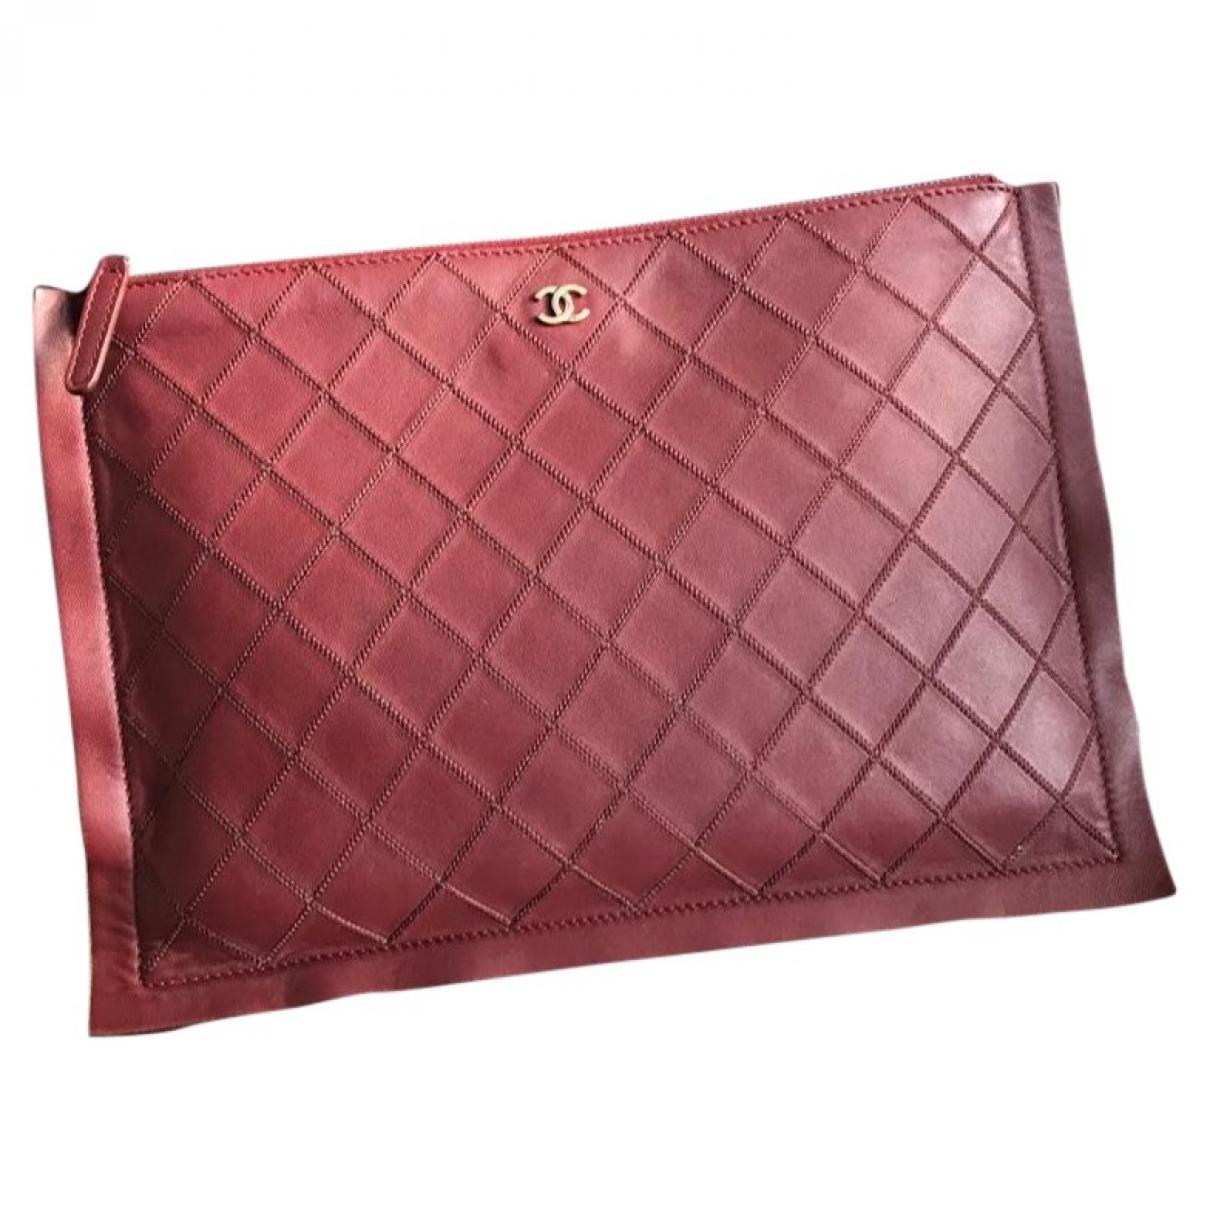 Chanel - Pochette   pour femme en cuir - bordeaux